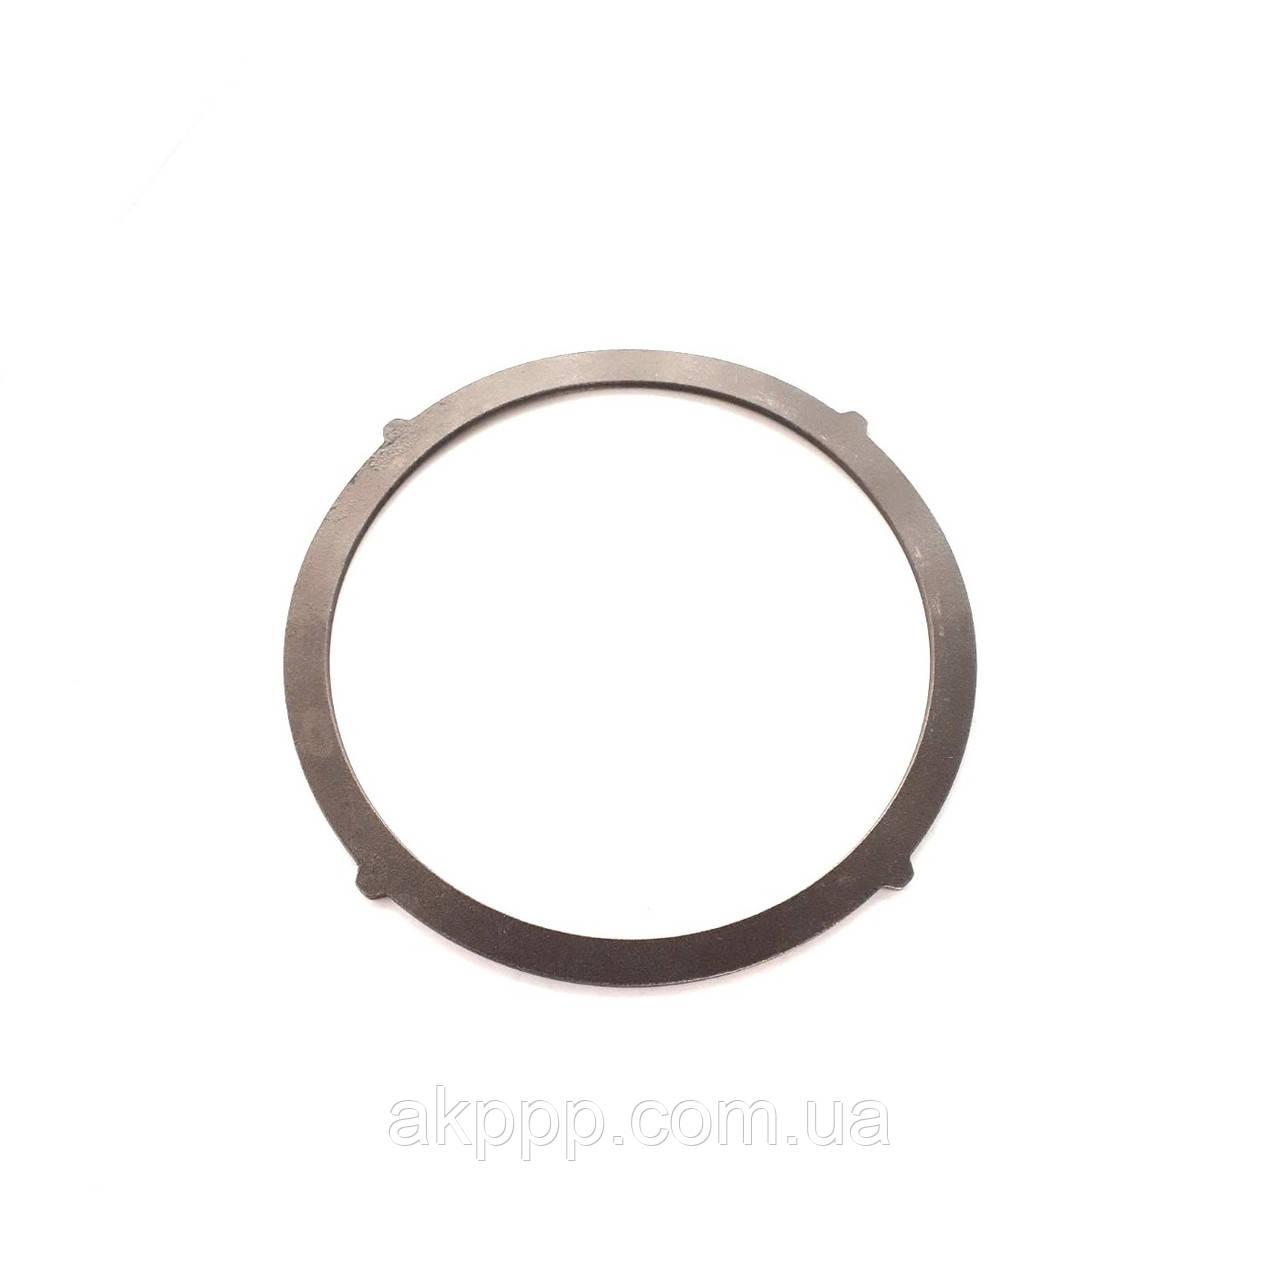 Стальной диск пакета акпп 5L40E (2,5/114/130 мм) б/у